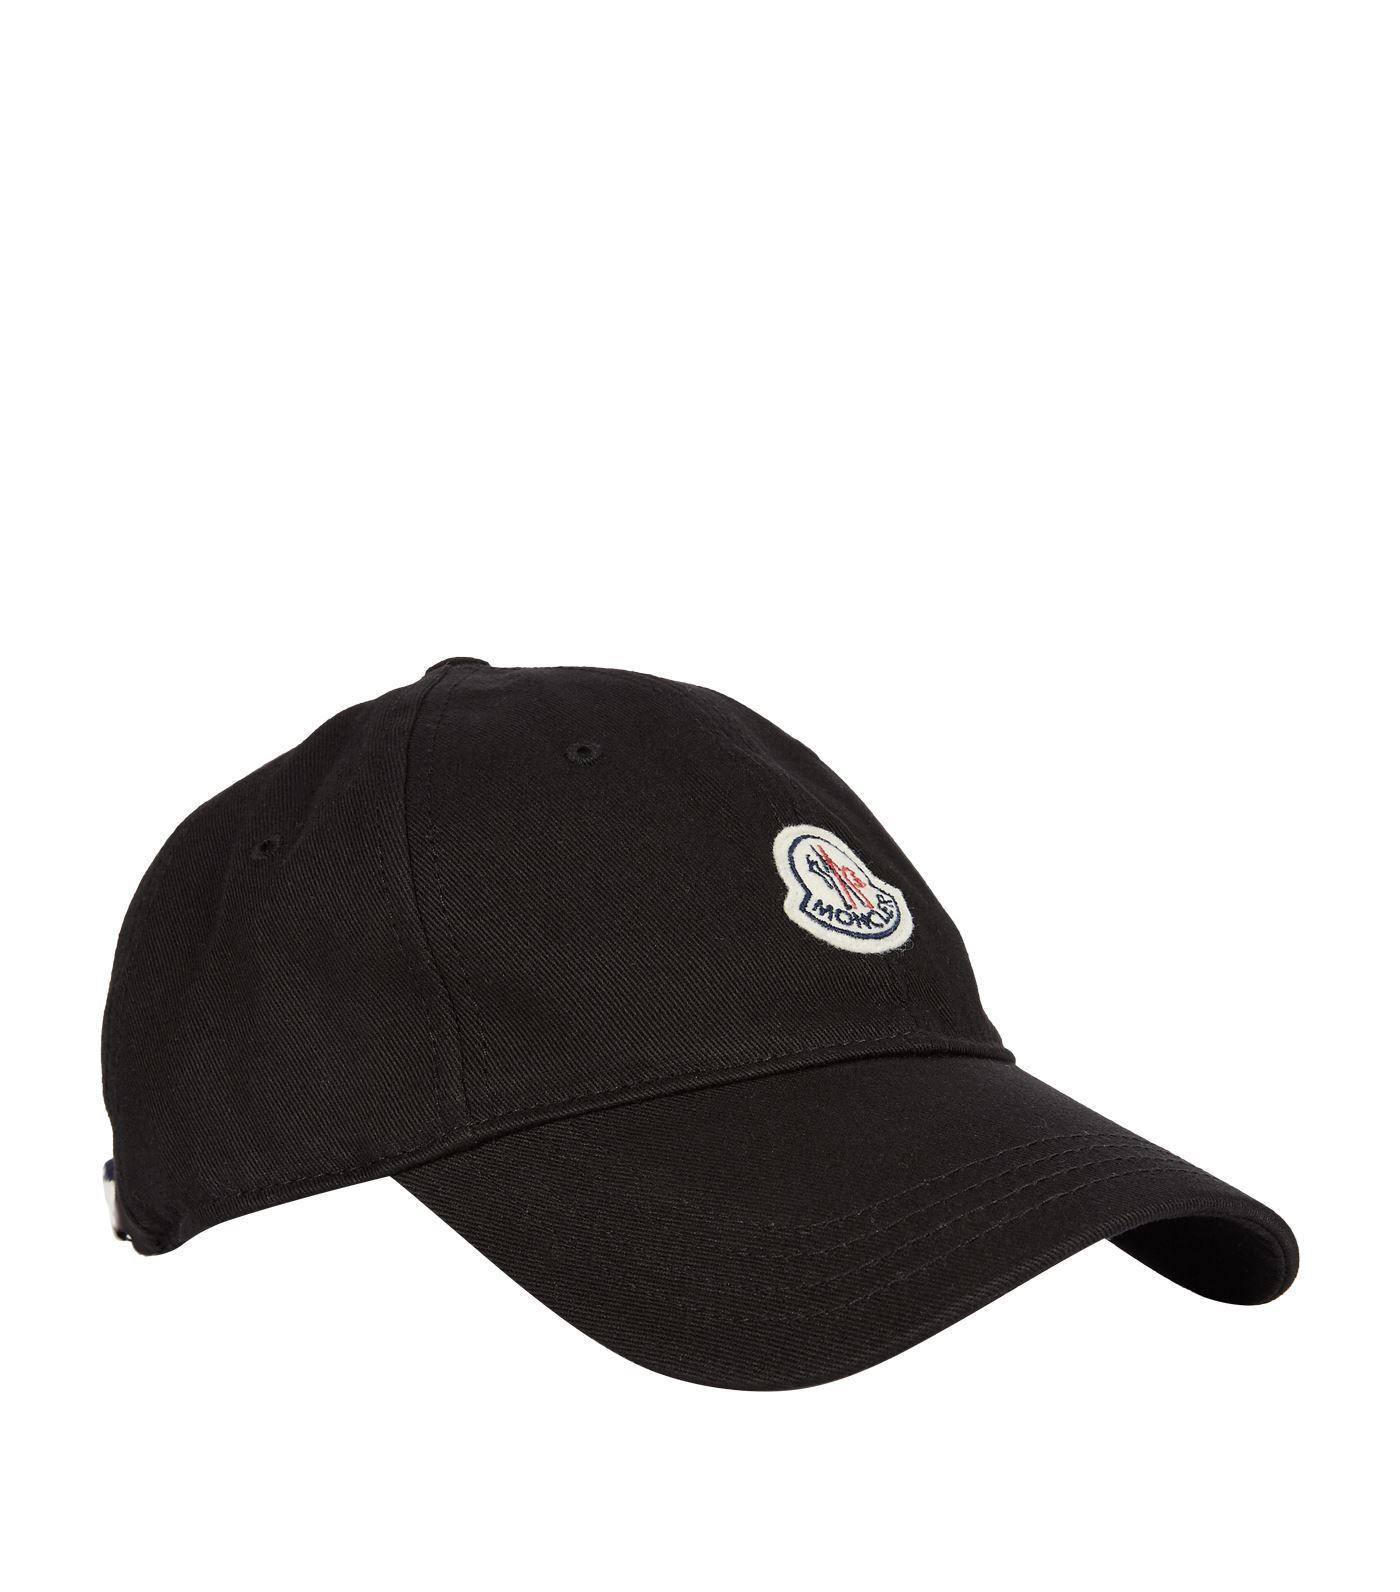 d4c5650cc01 MONCLER BASEBALL CAP.  moncler